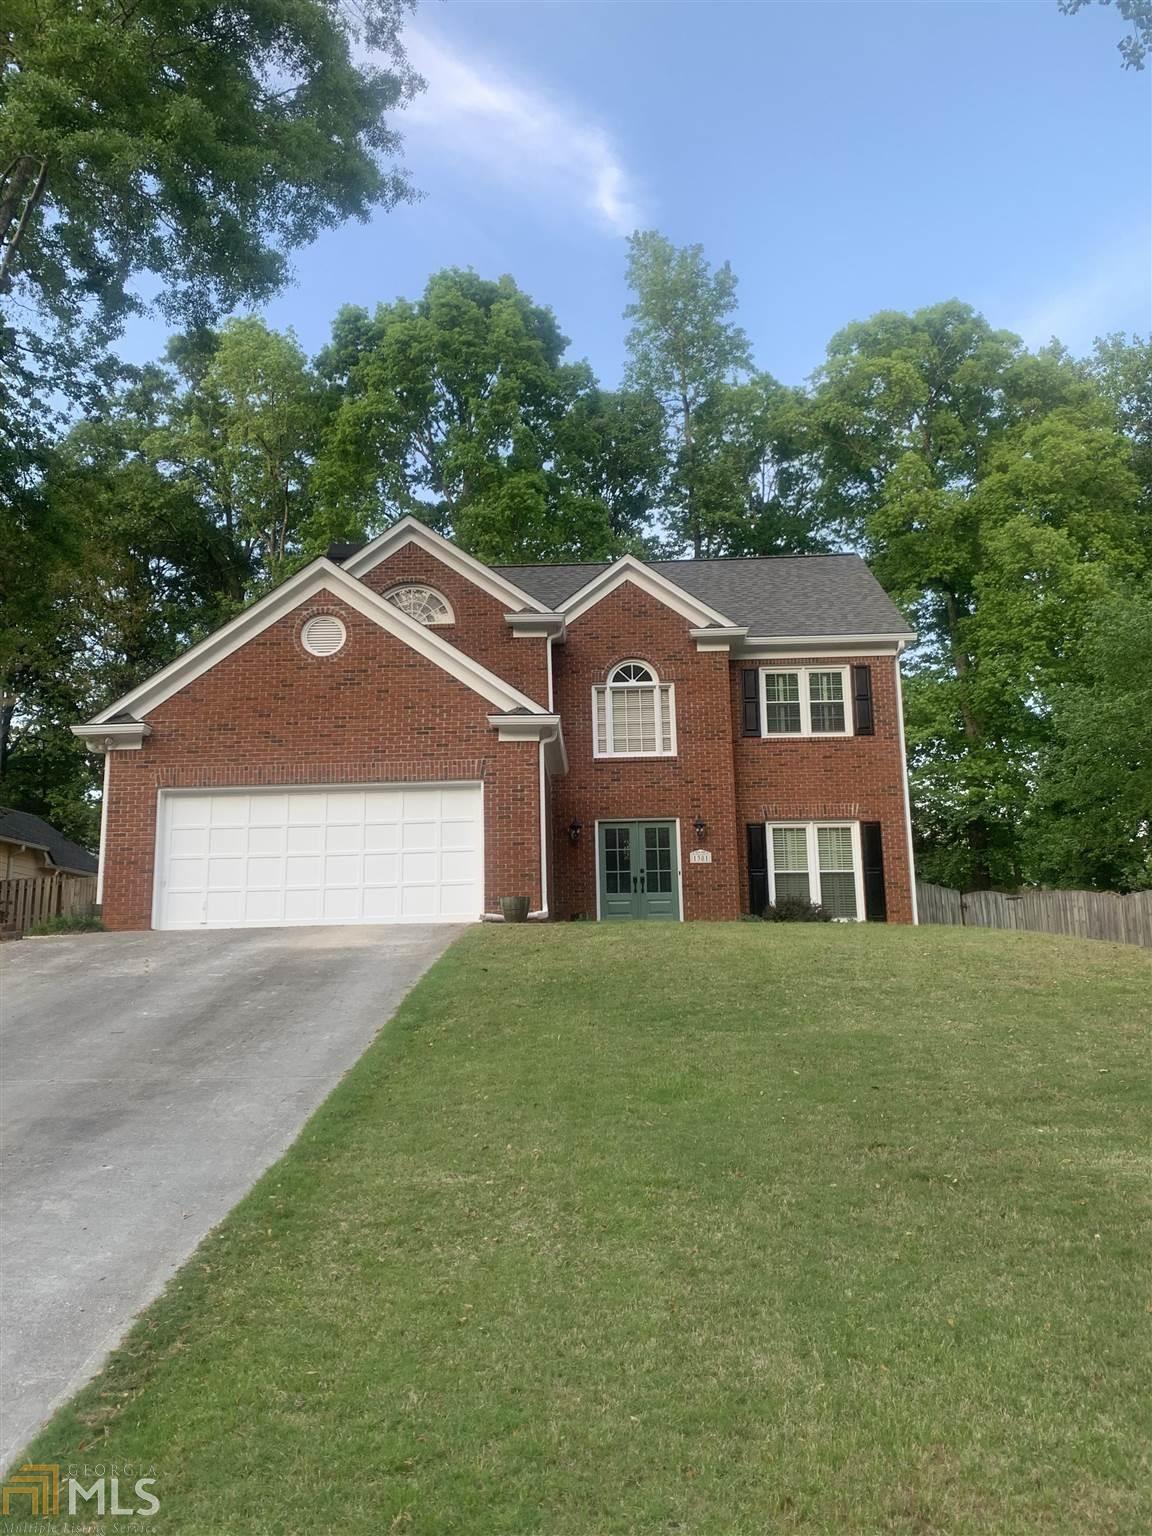 1381 Blackland Trl, Lawrenceville, GA 30043 - #: 8968537